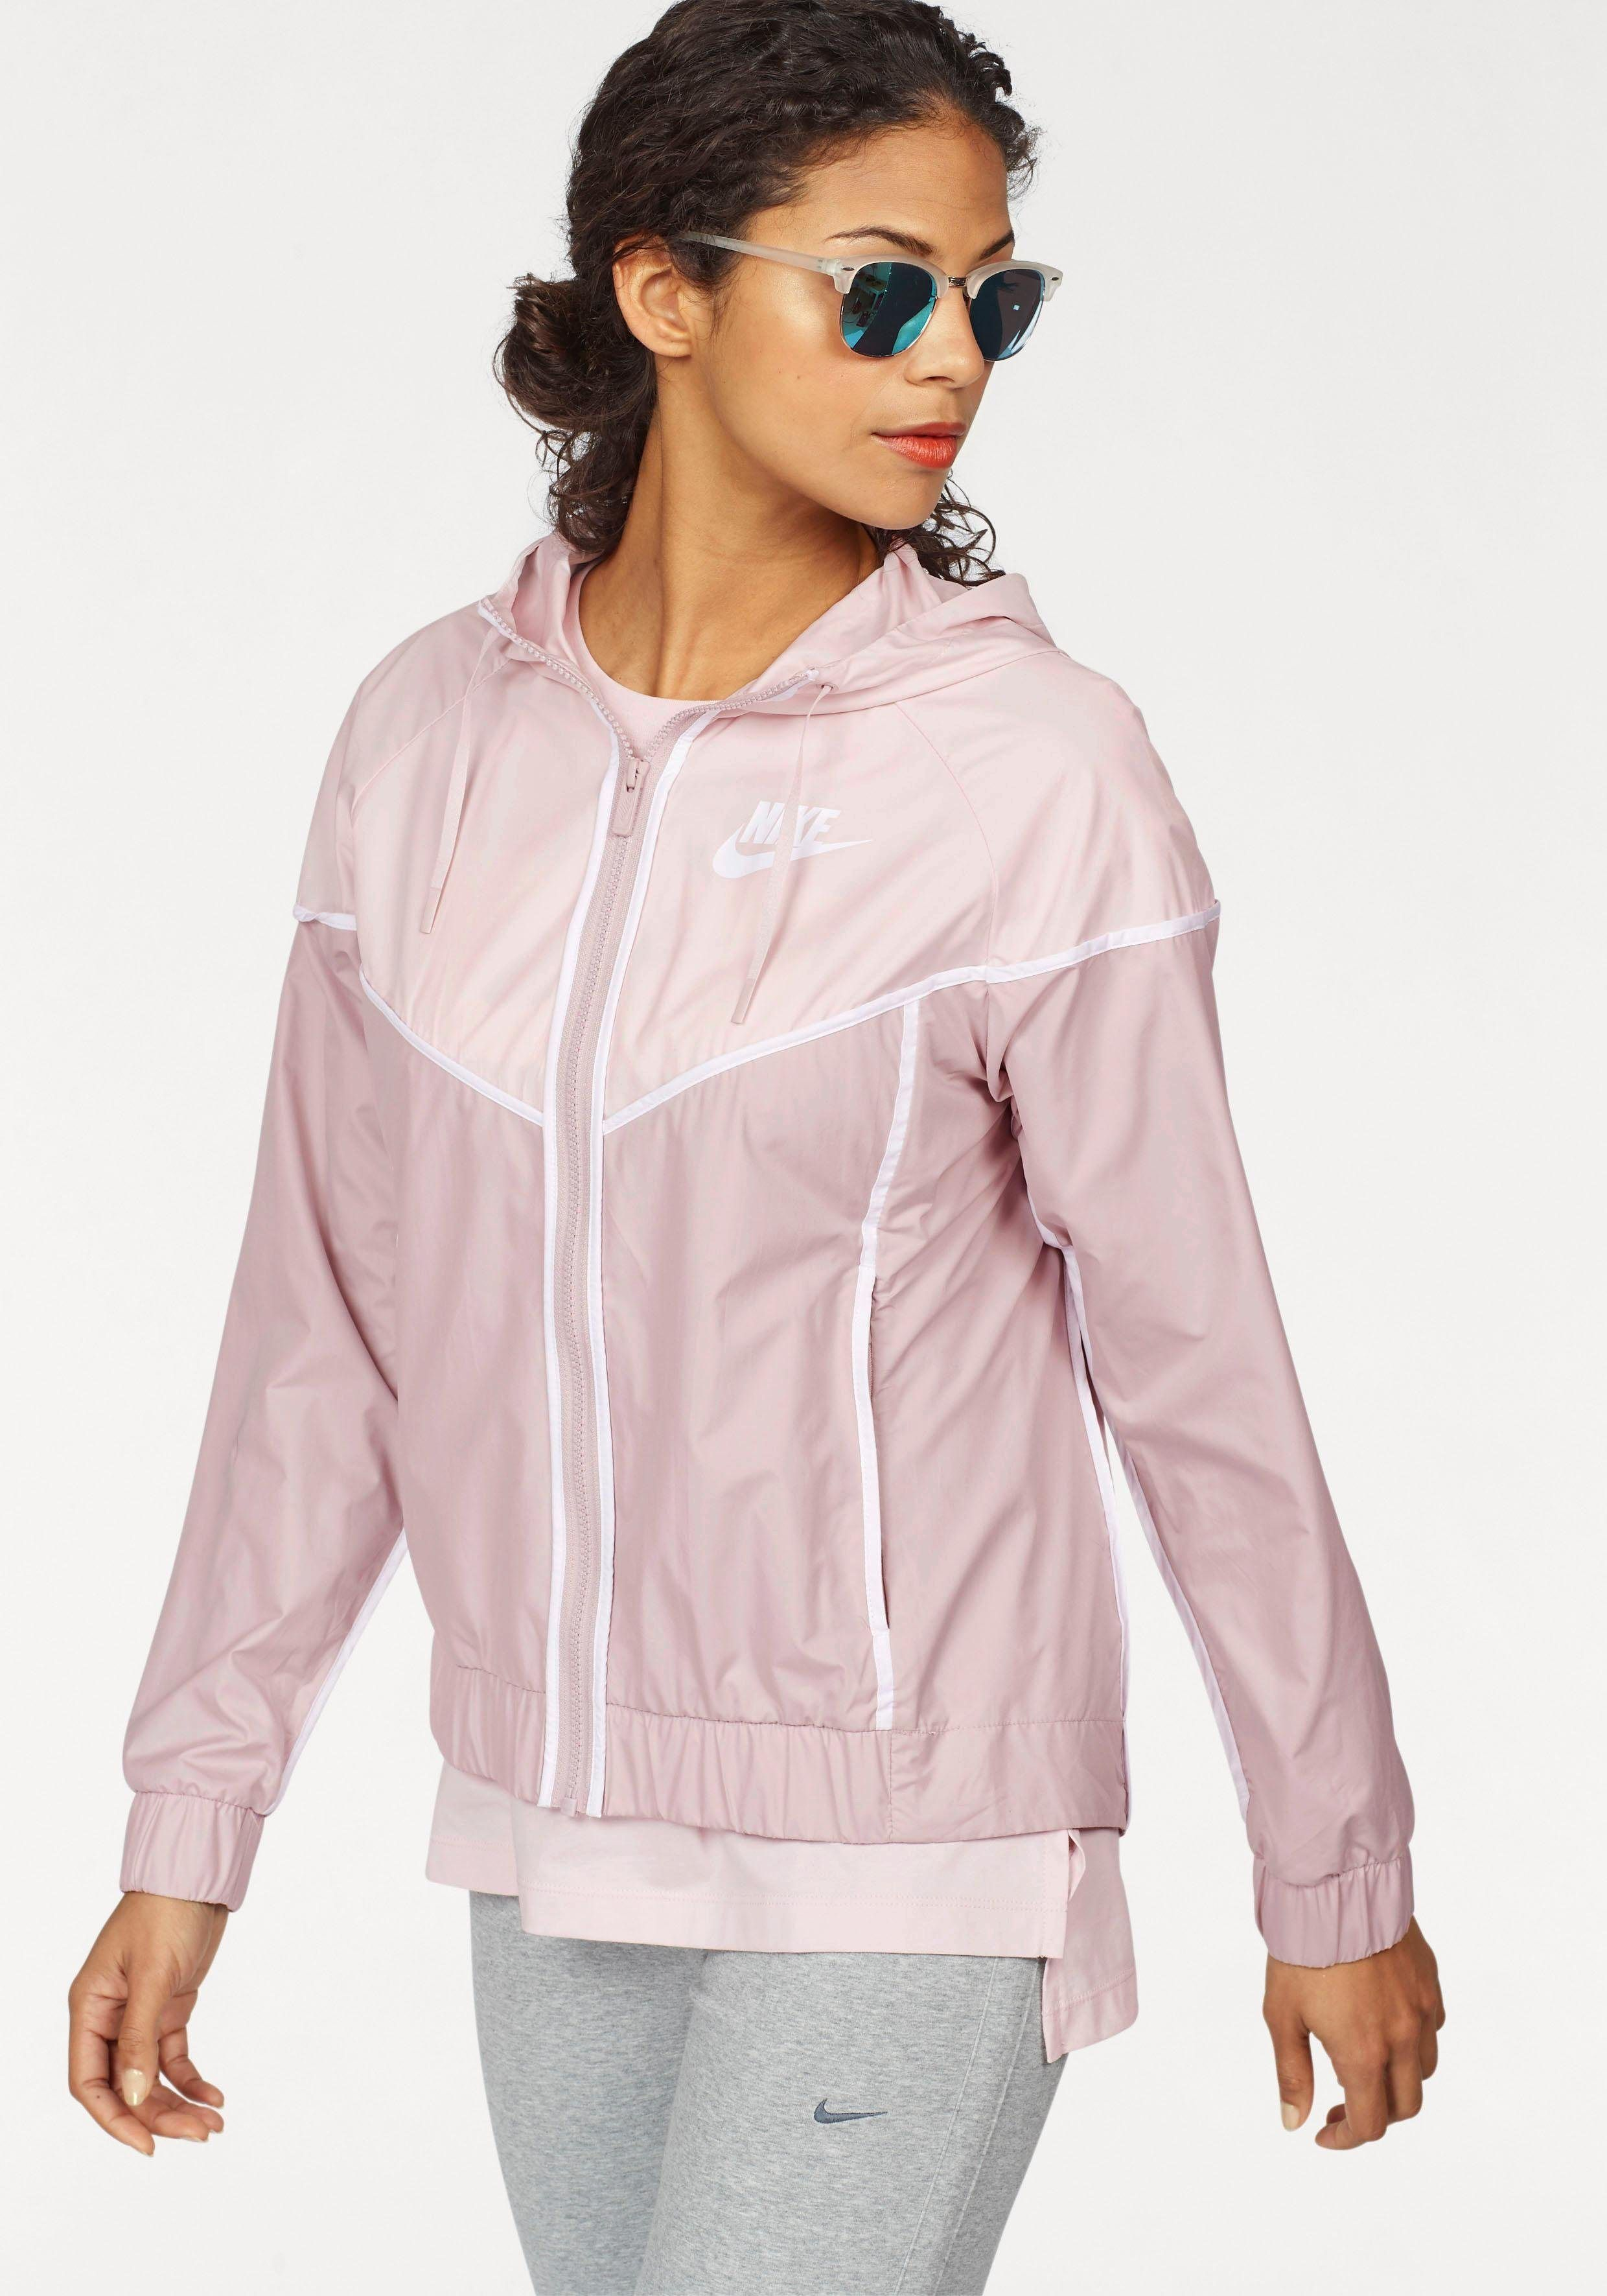 Damen #Nike #Sportswear #Windbreaker #WR #JACKET #grau